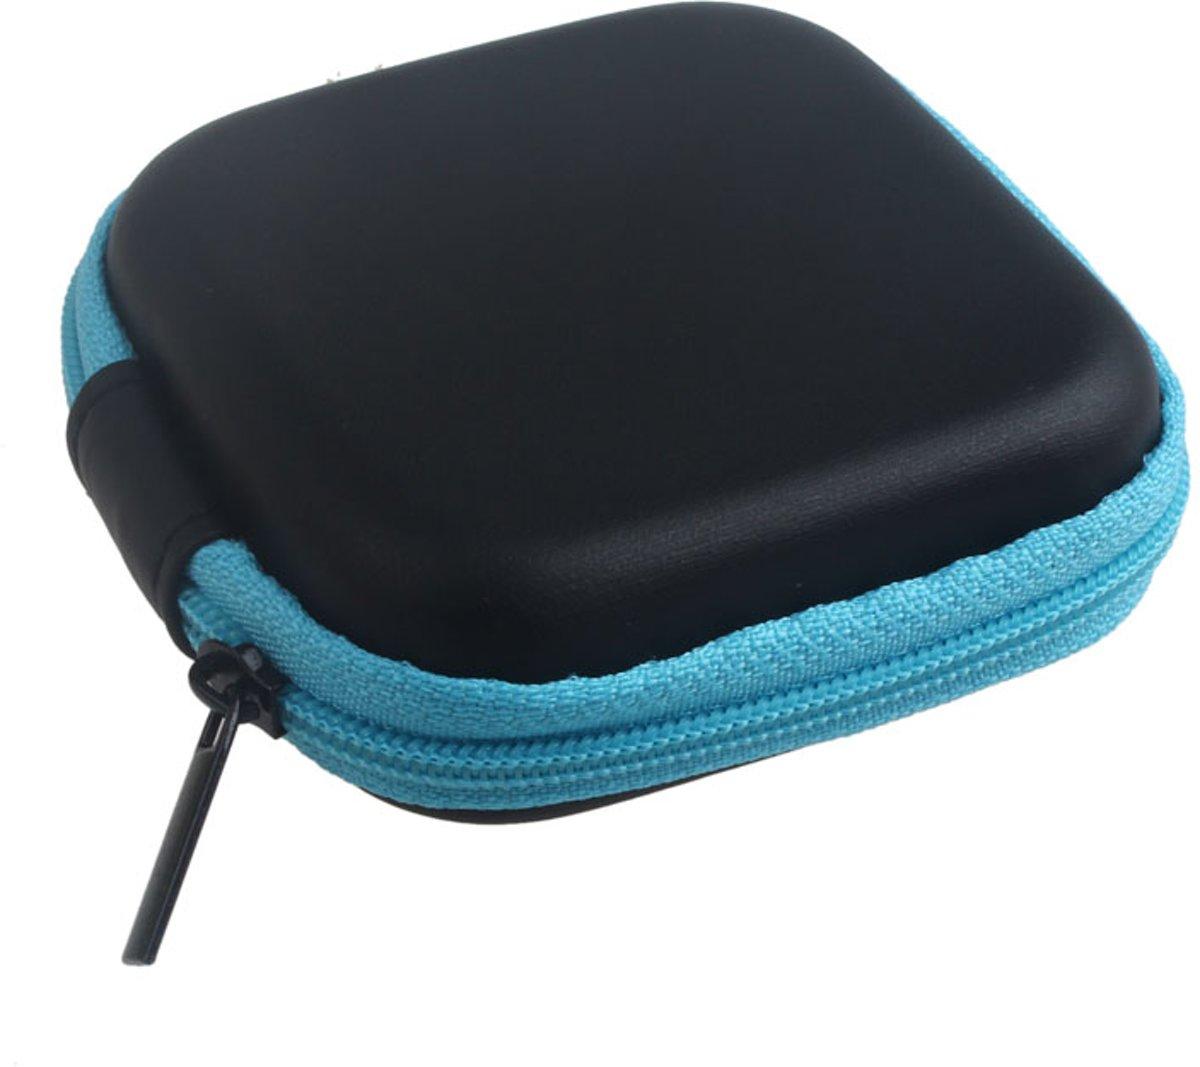 Handige zipper bag vierkant voor het bewaren van uw oortjes Zwart kopen